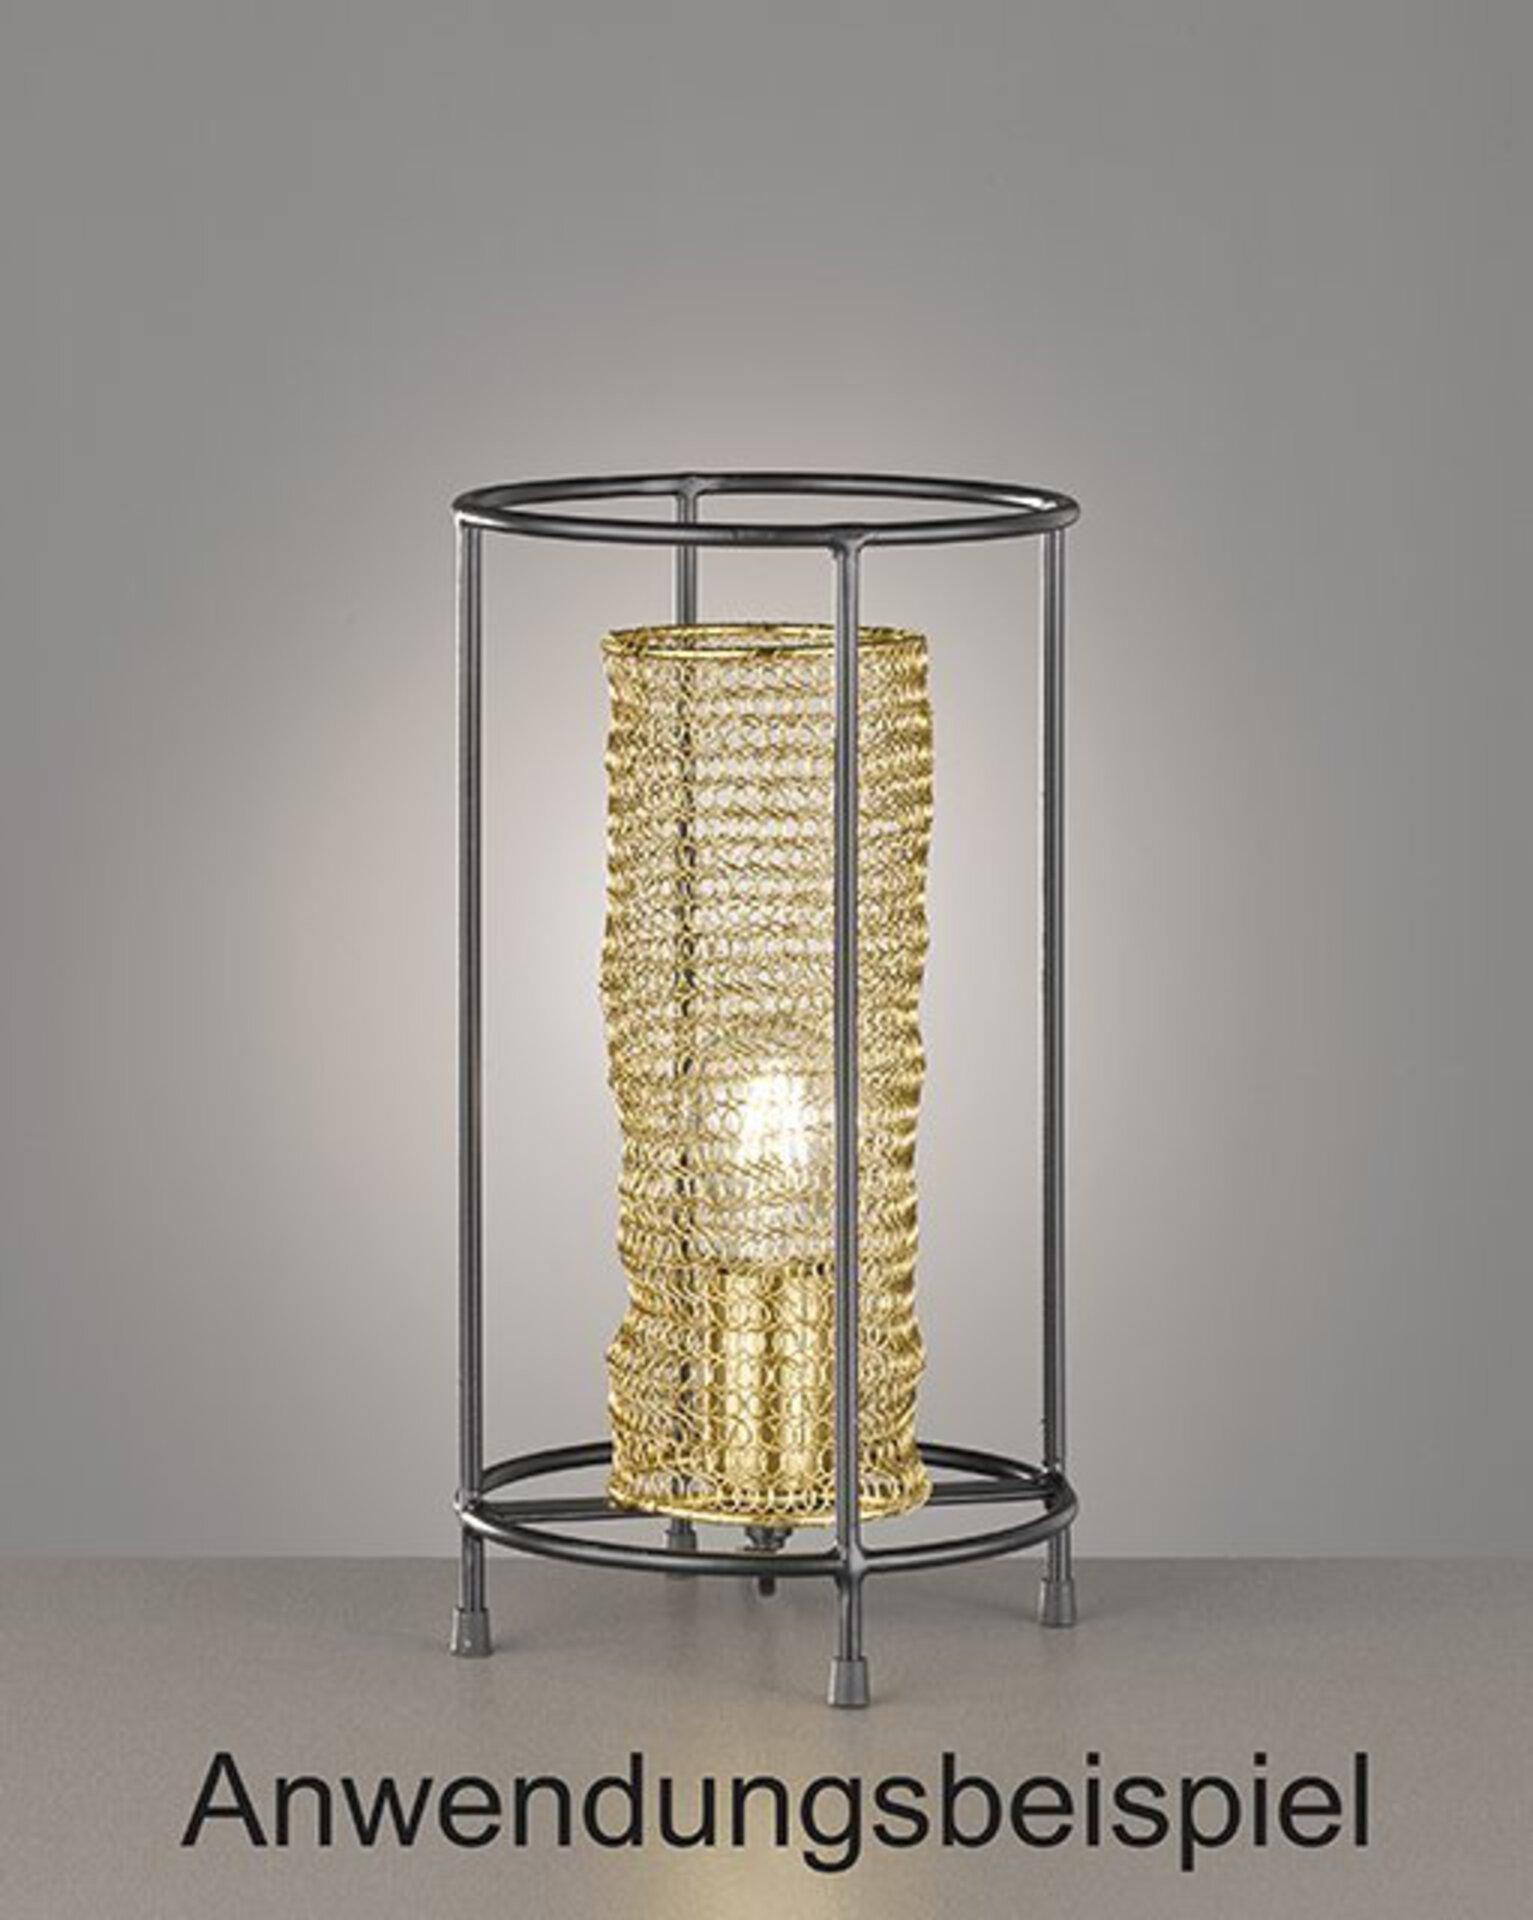 Tischleuchte ANO Fischer-Honsel Metall gold 20 x 36 x 20 cm